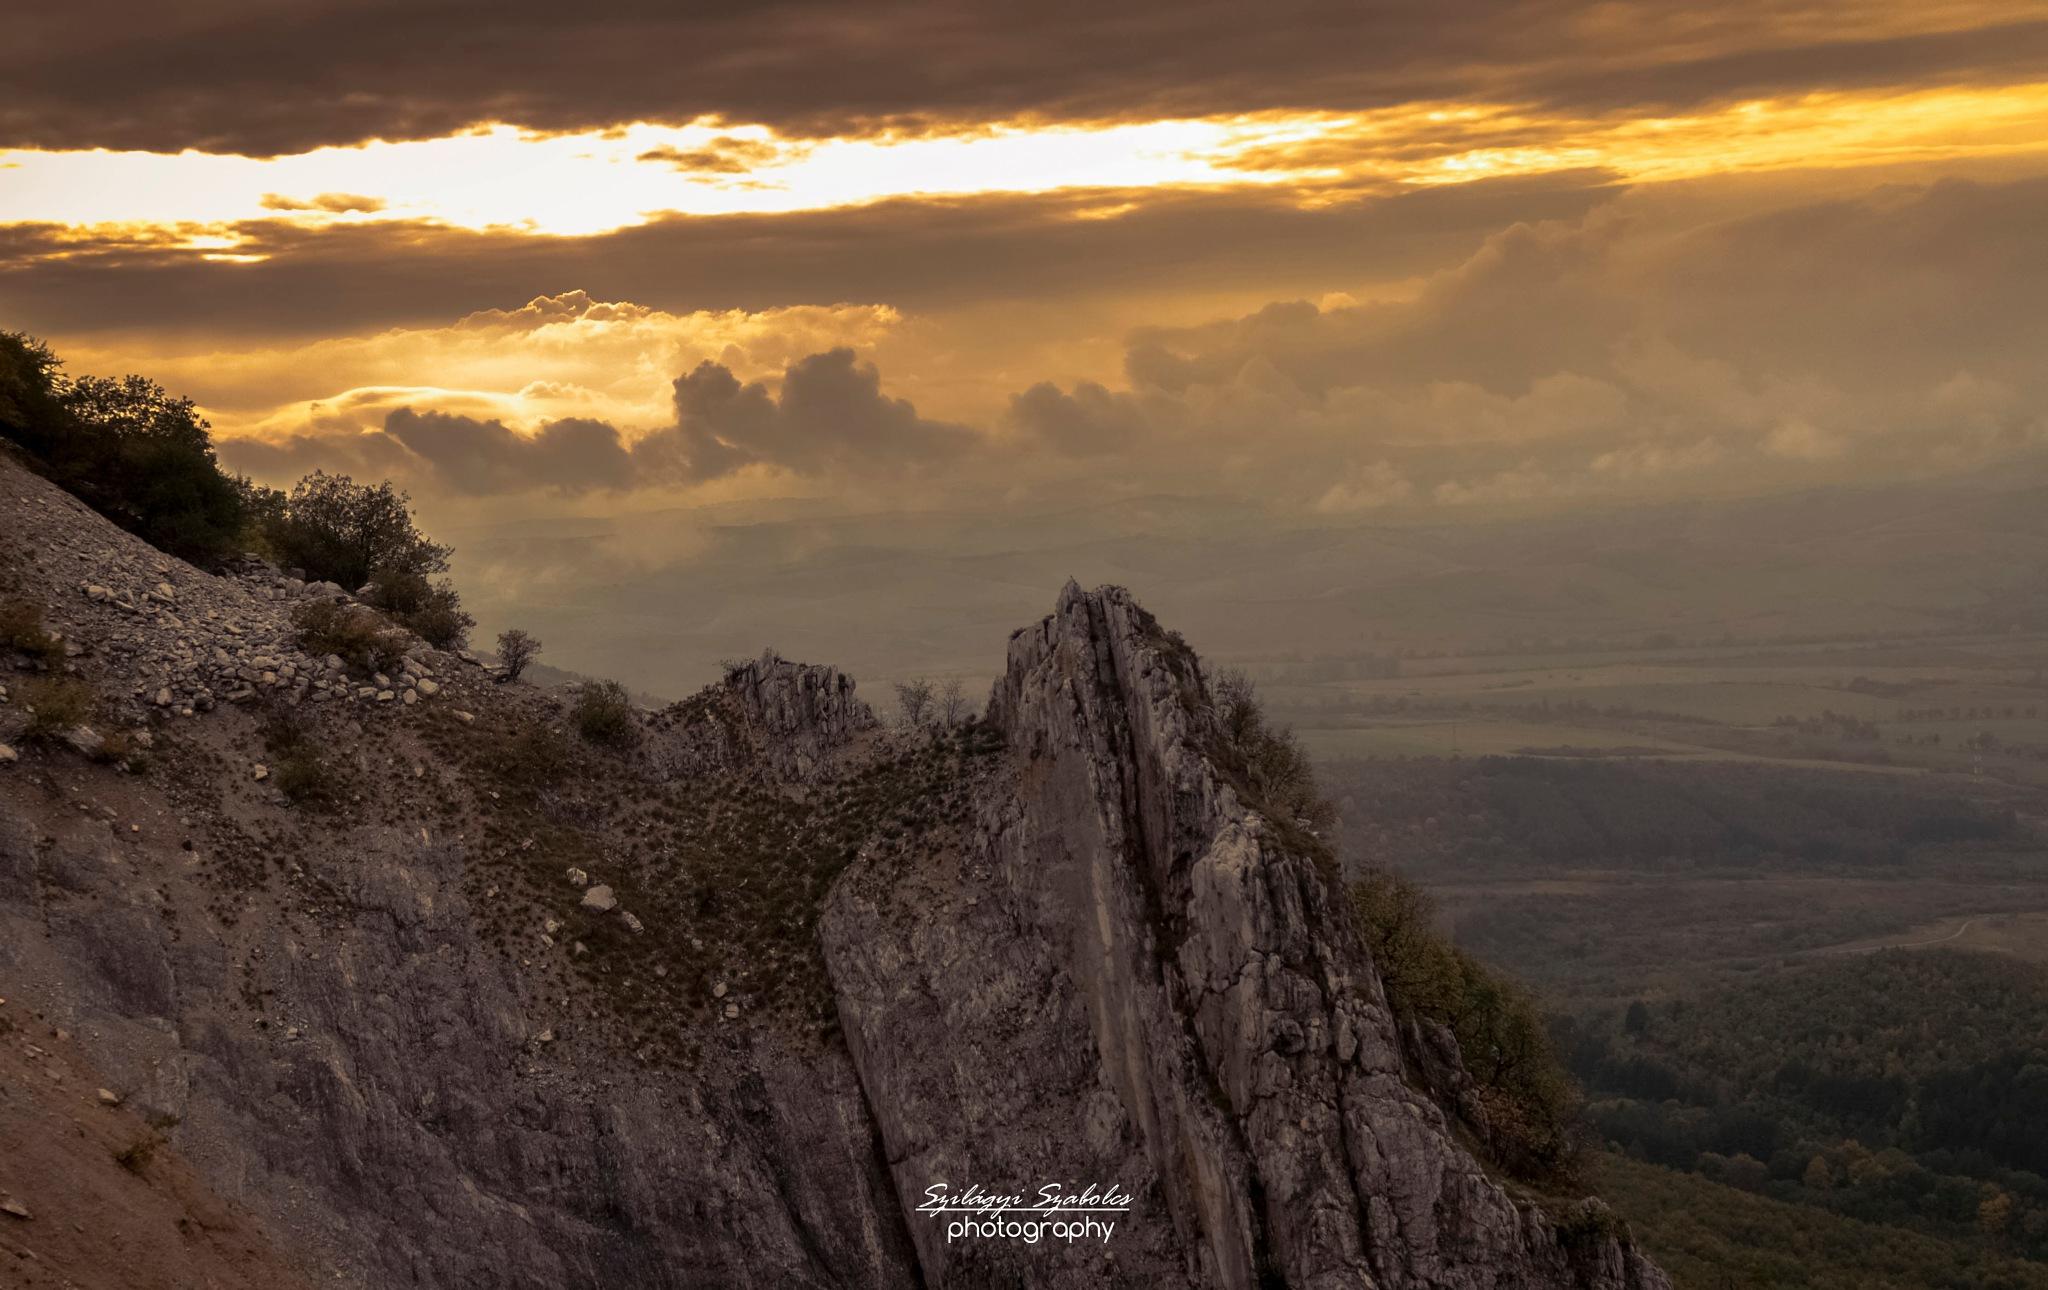 Mountain sunset by Szilágyi Szabolcs